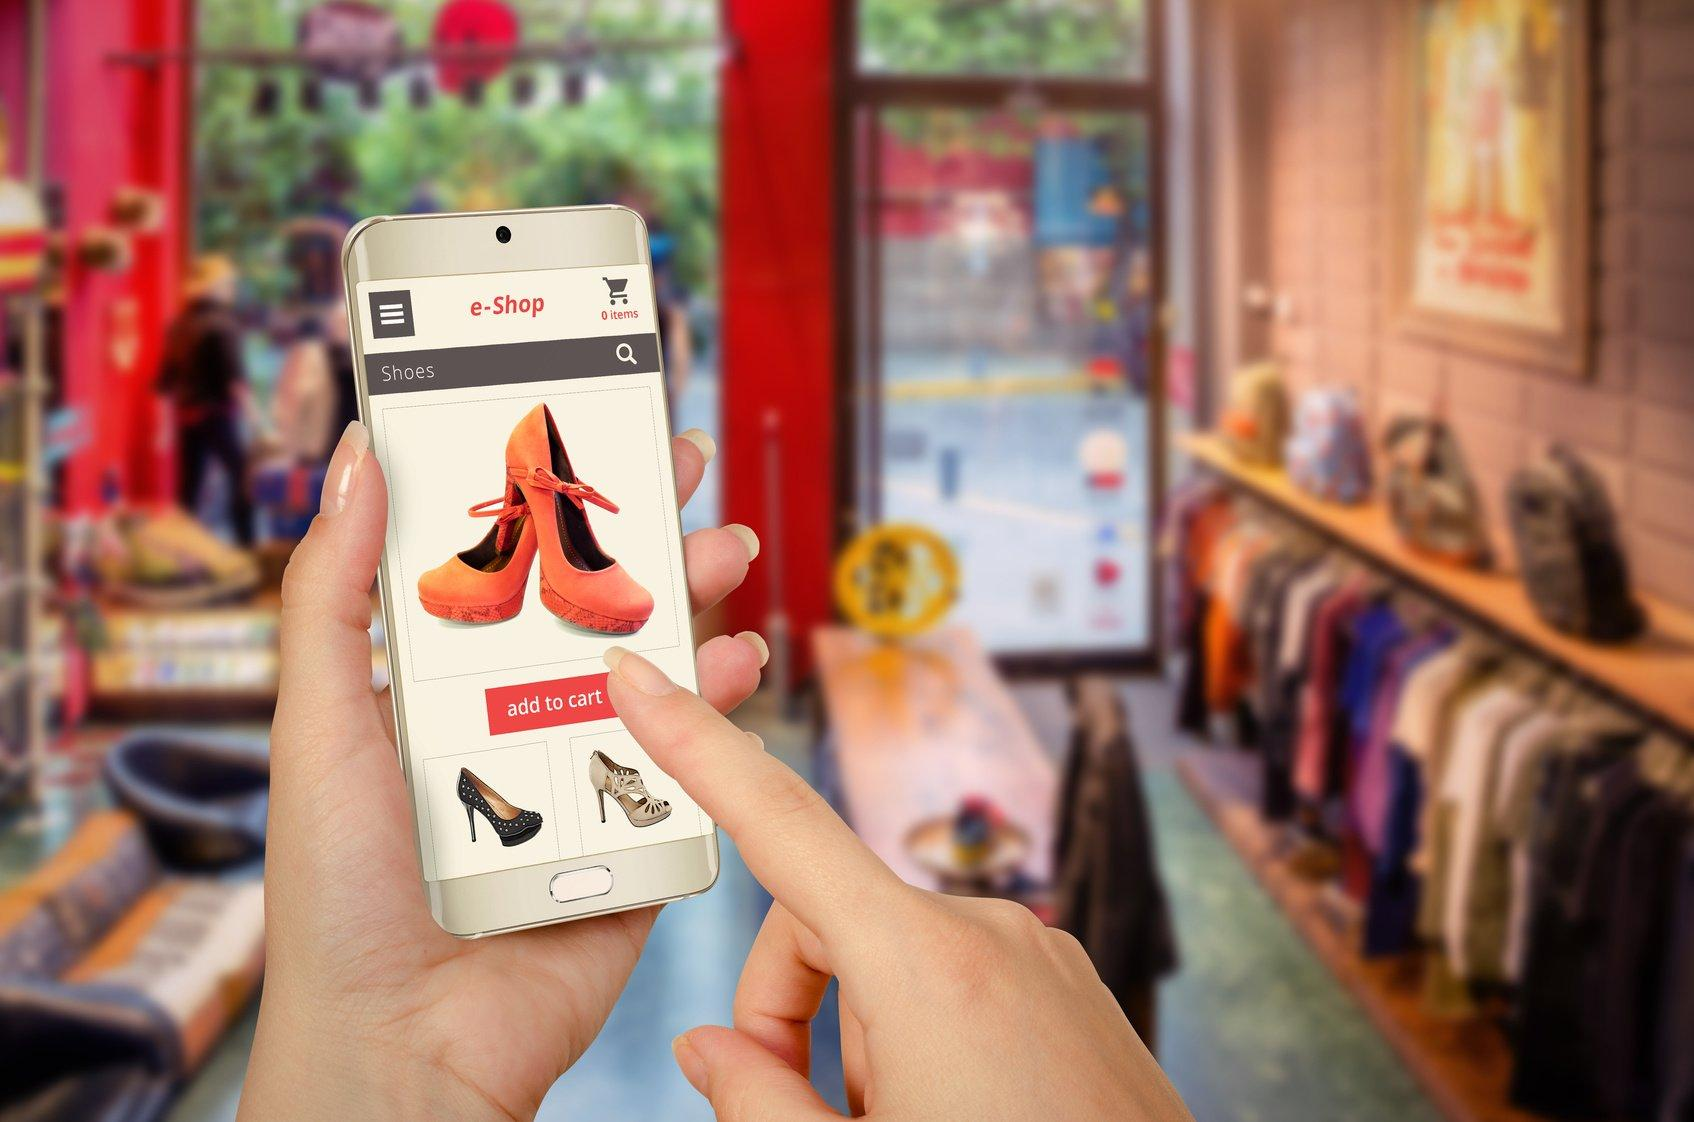 5 consigli per aumentare le vendite integrando strategie online e offline